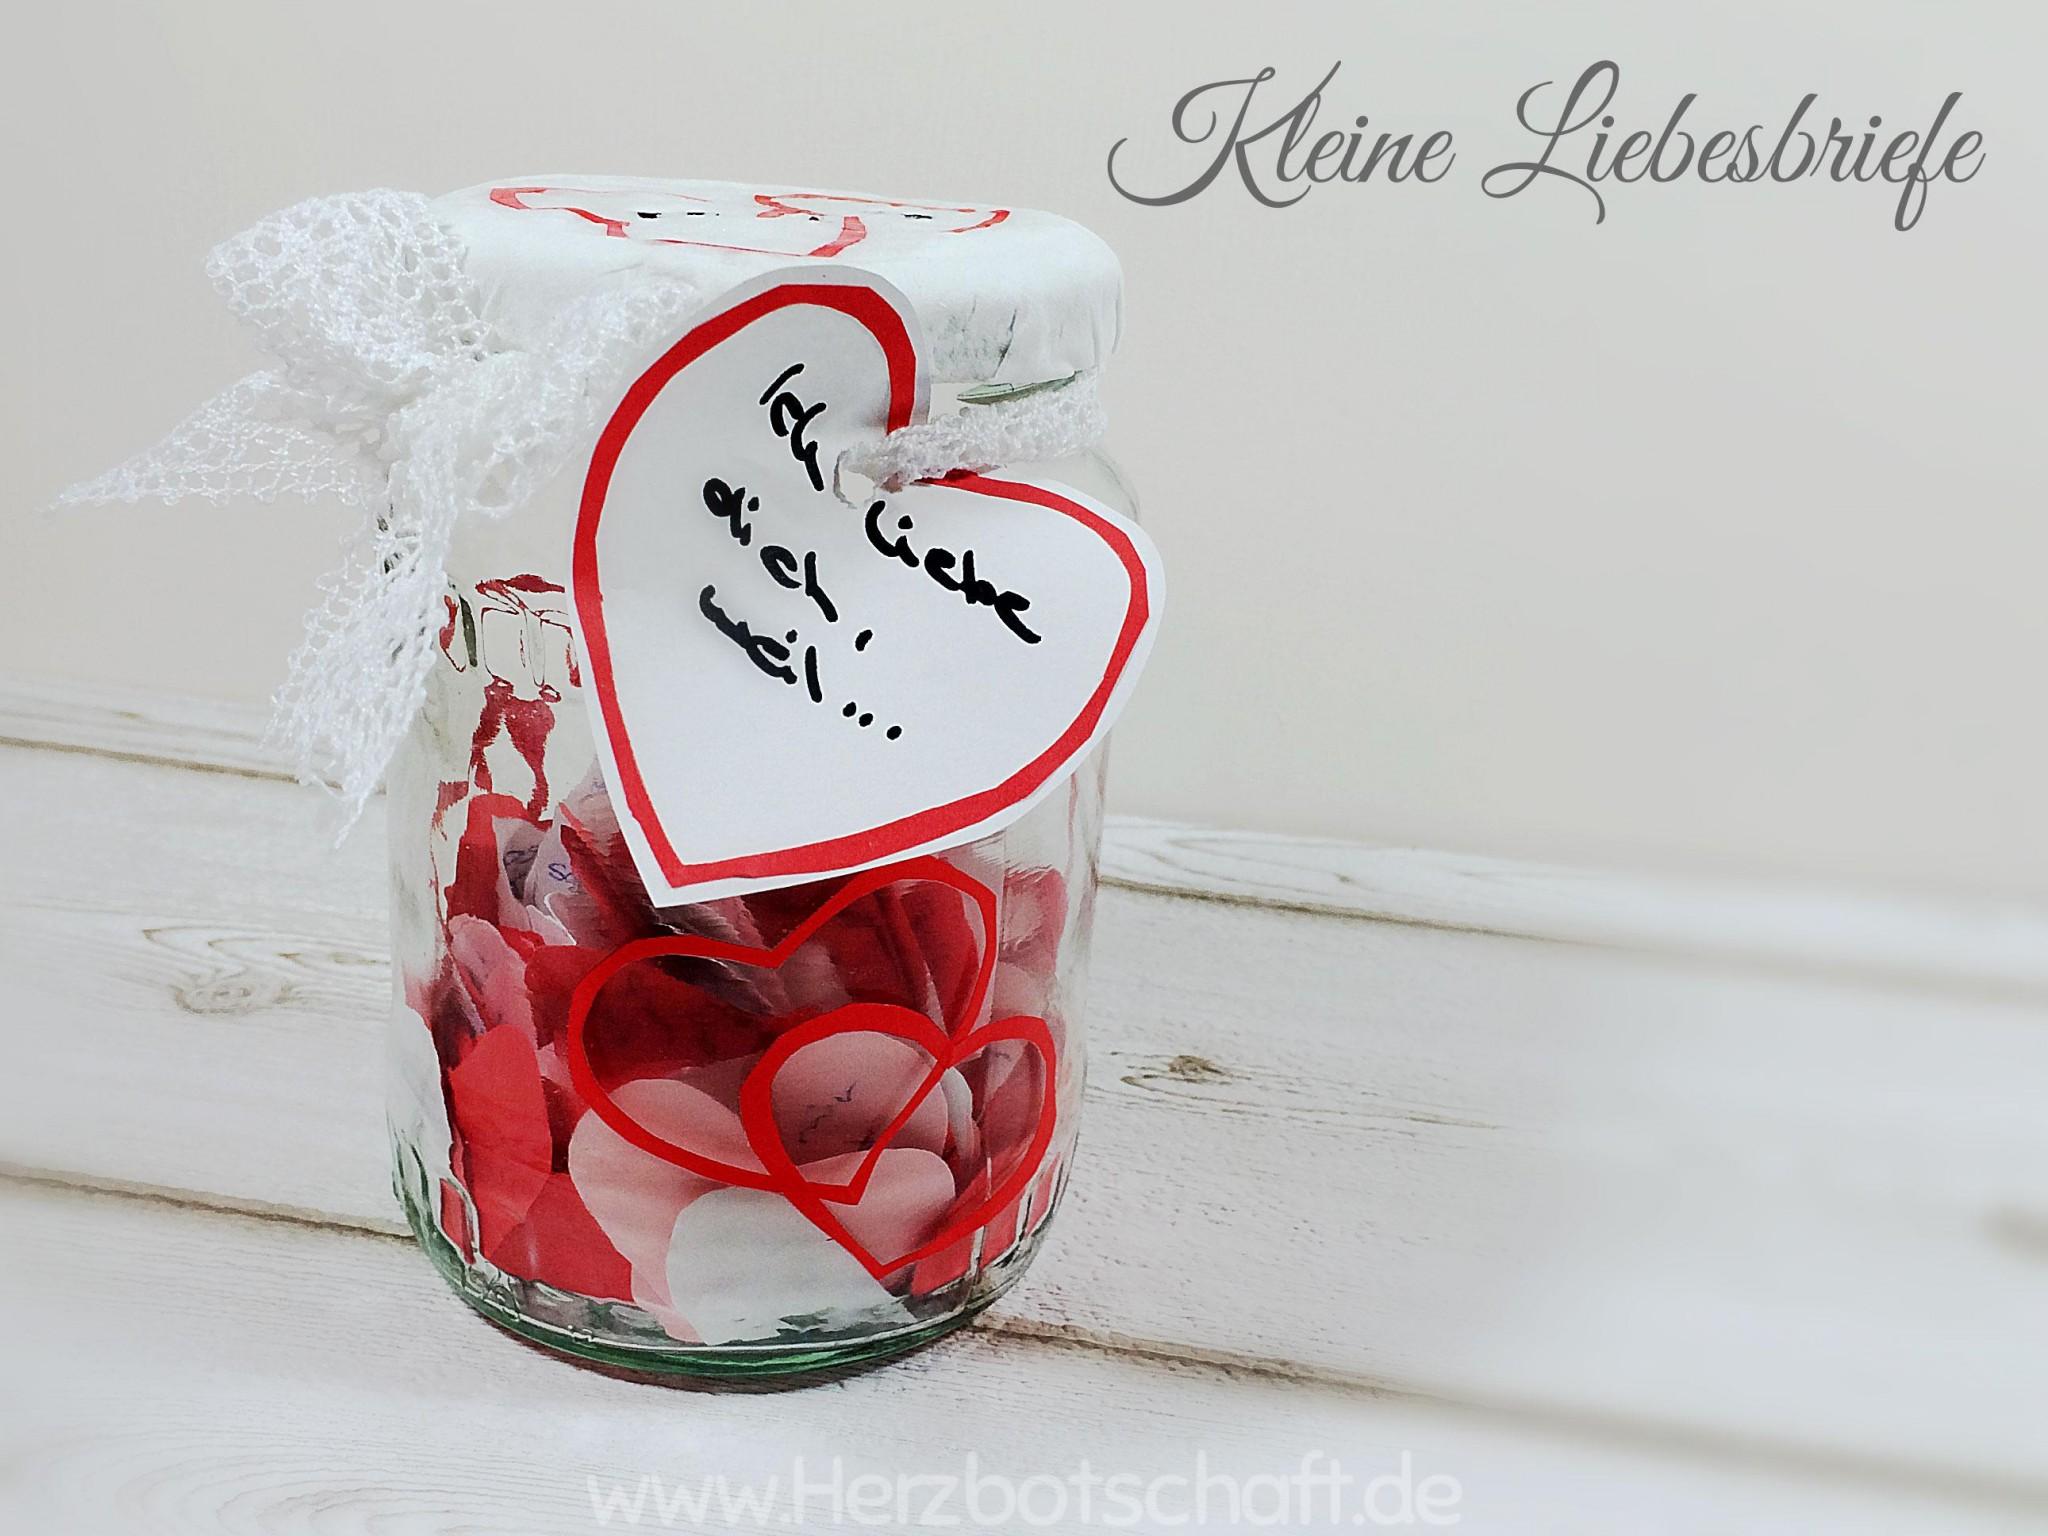 Liebesbrief-fuer-ihn-schreiben-valentinstag-jahrestag